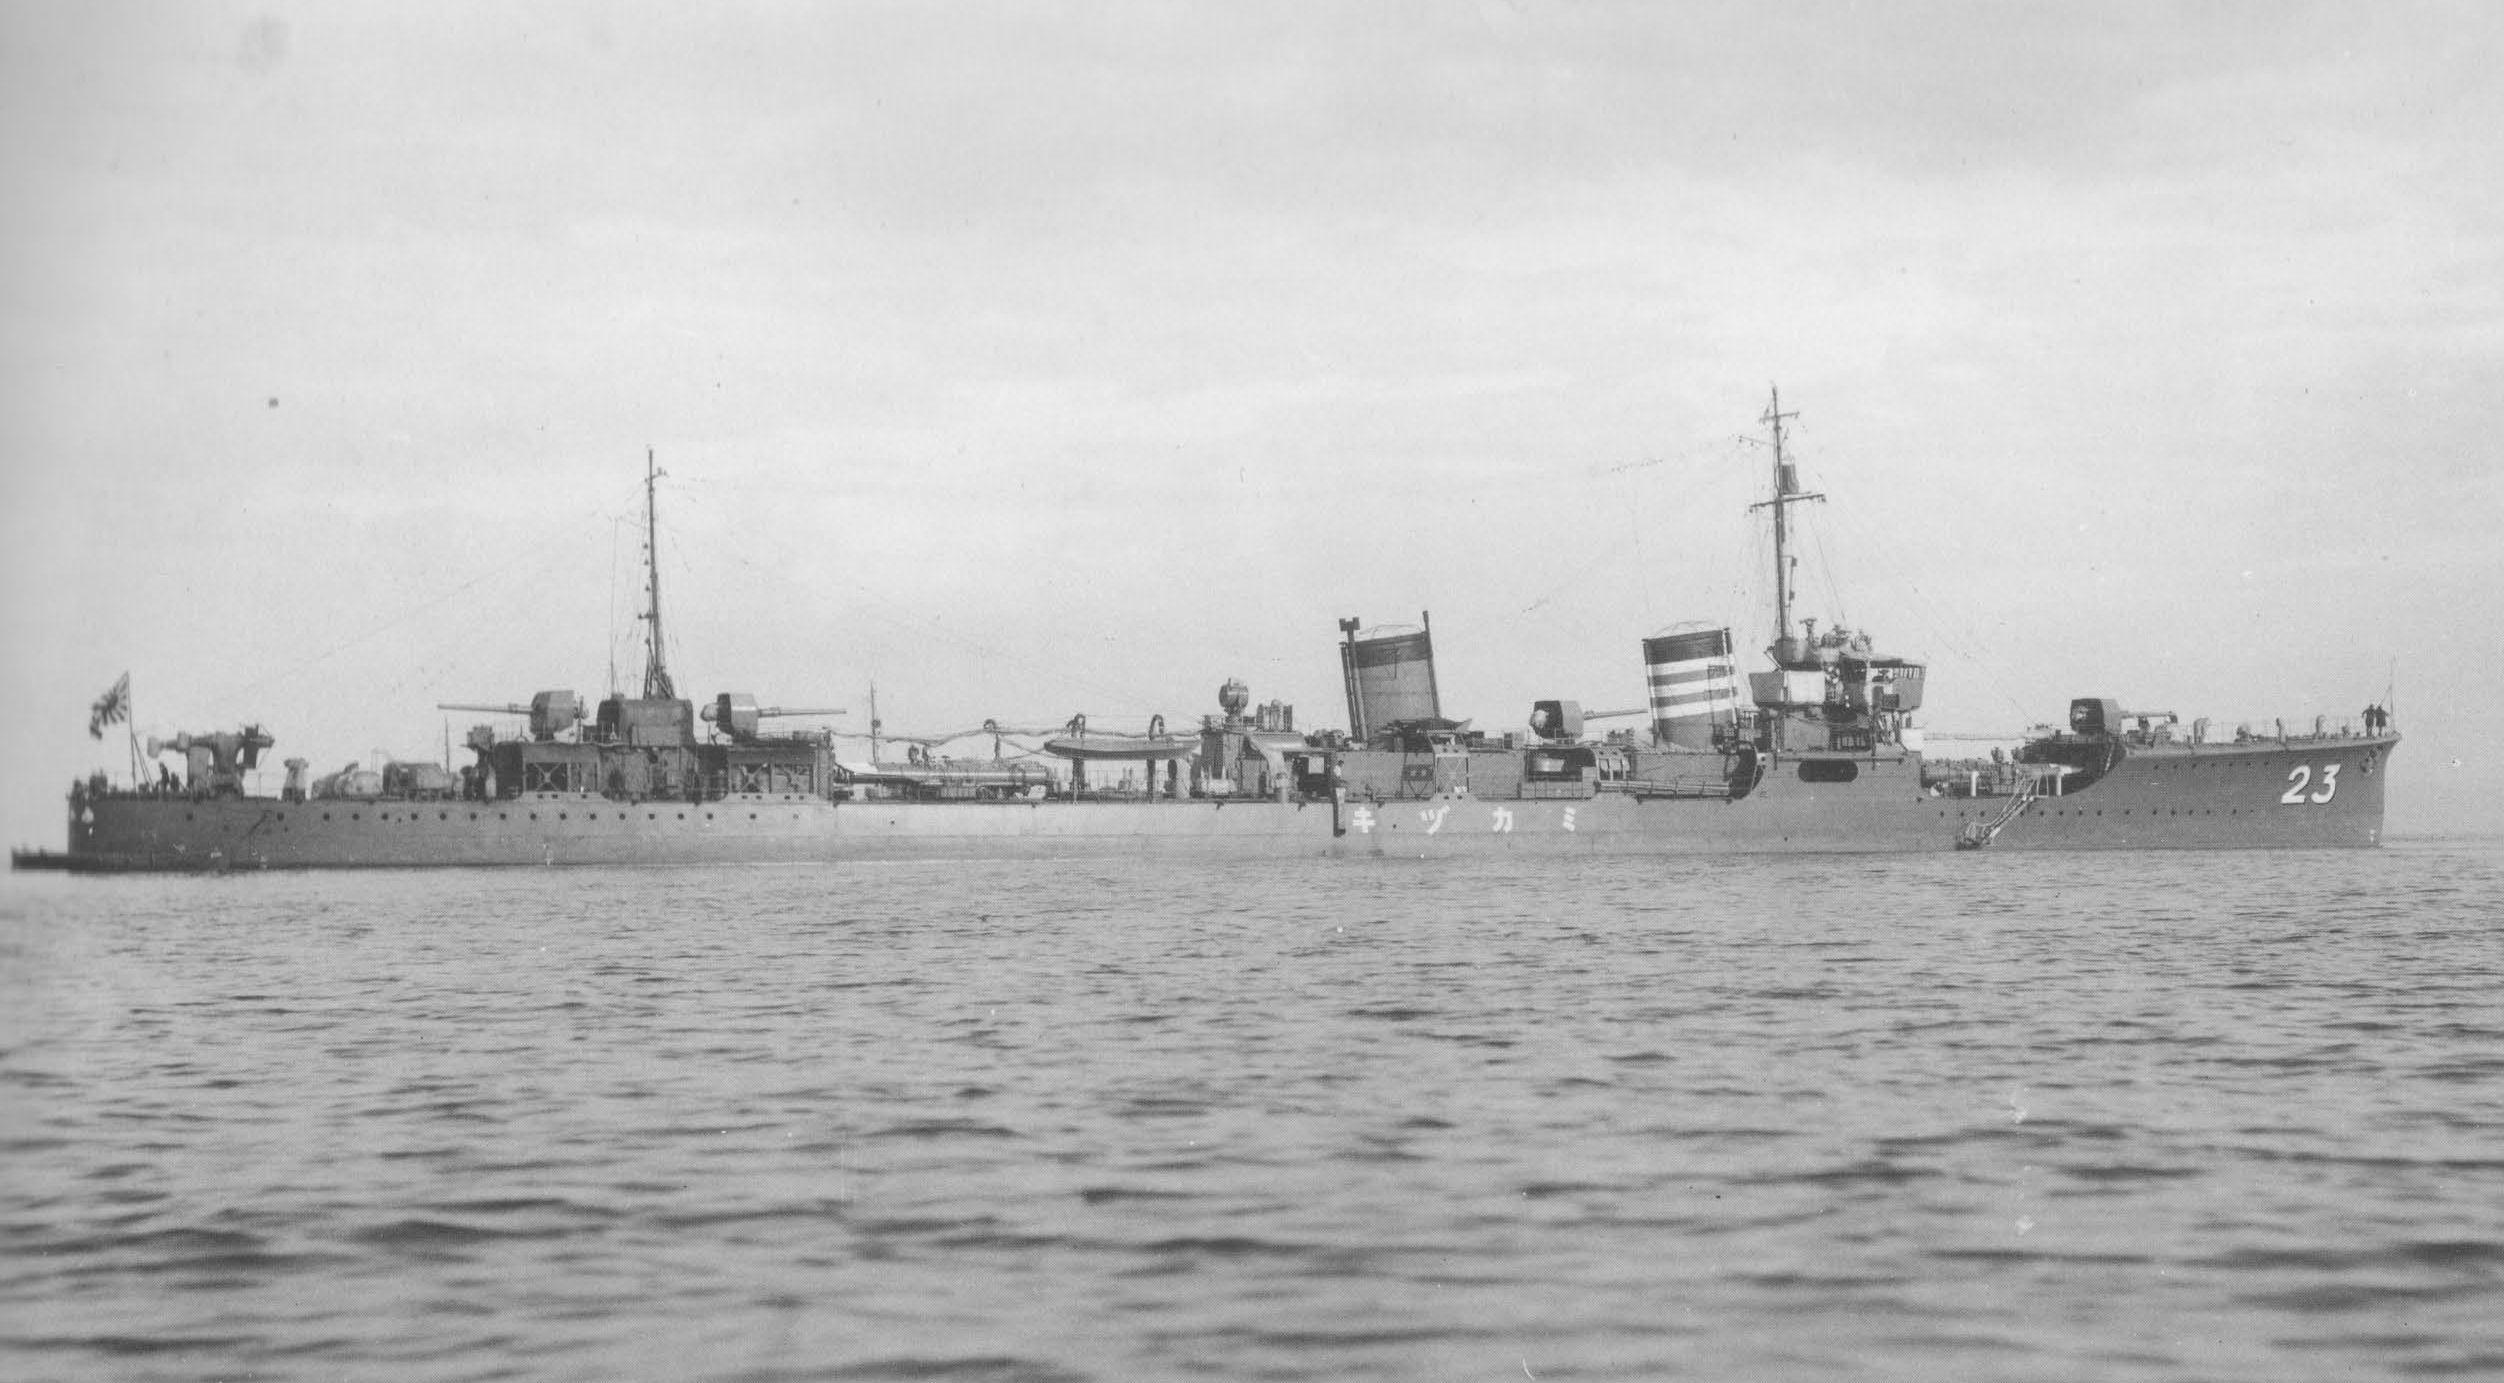 Ww ll destroyer escorts sunk japanese Destroyer escort - Wikipedia